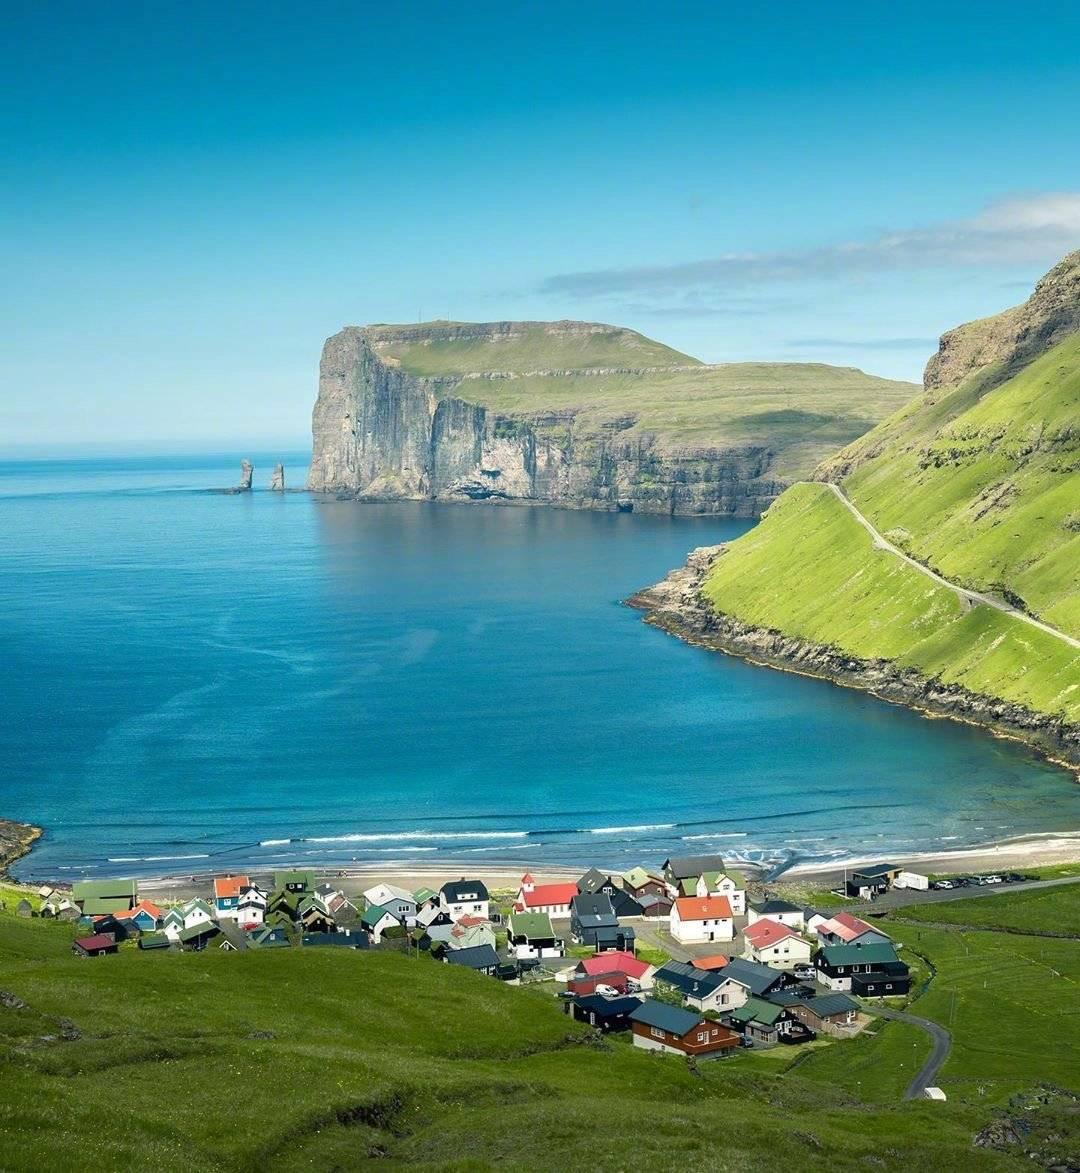 """法罗群岛的""""屠杀"""",领航鲸被诱惑到岸边,海边的男人一刀终结"""